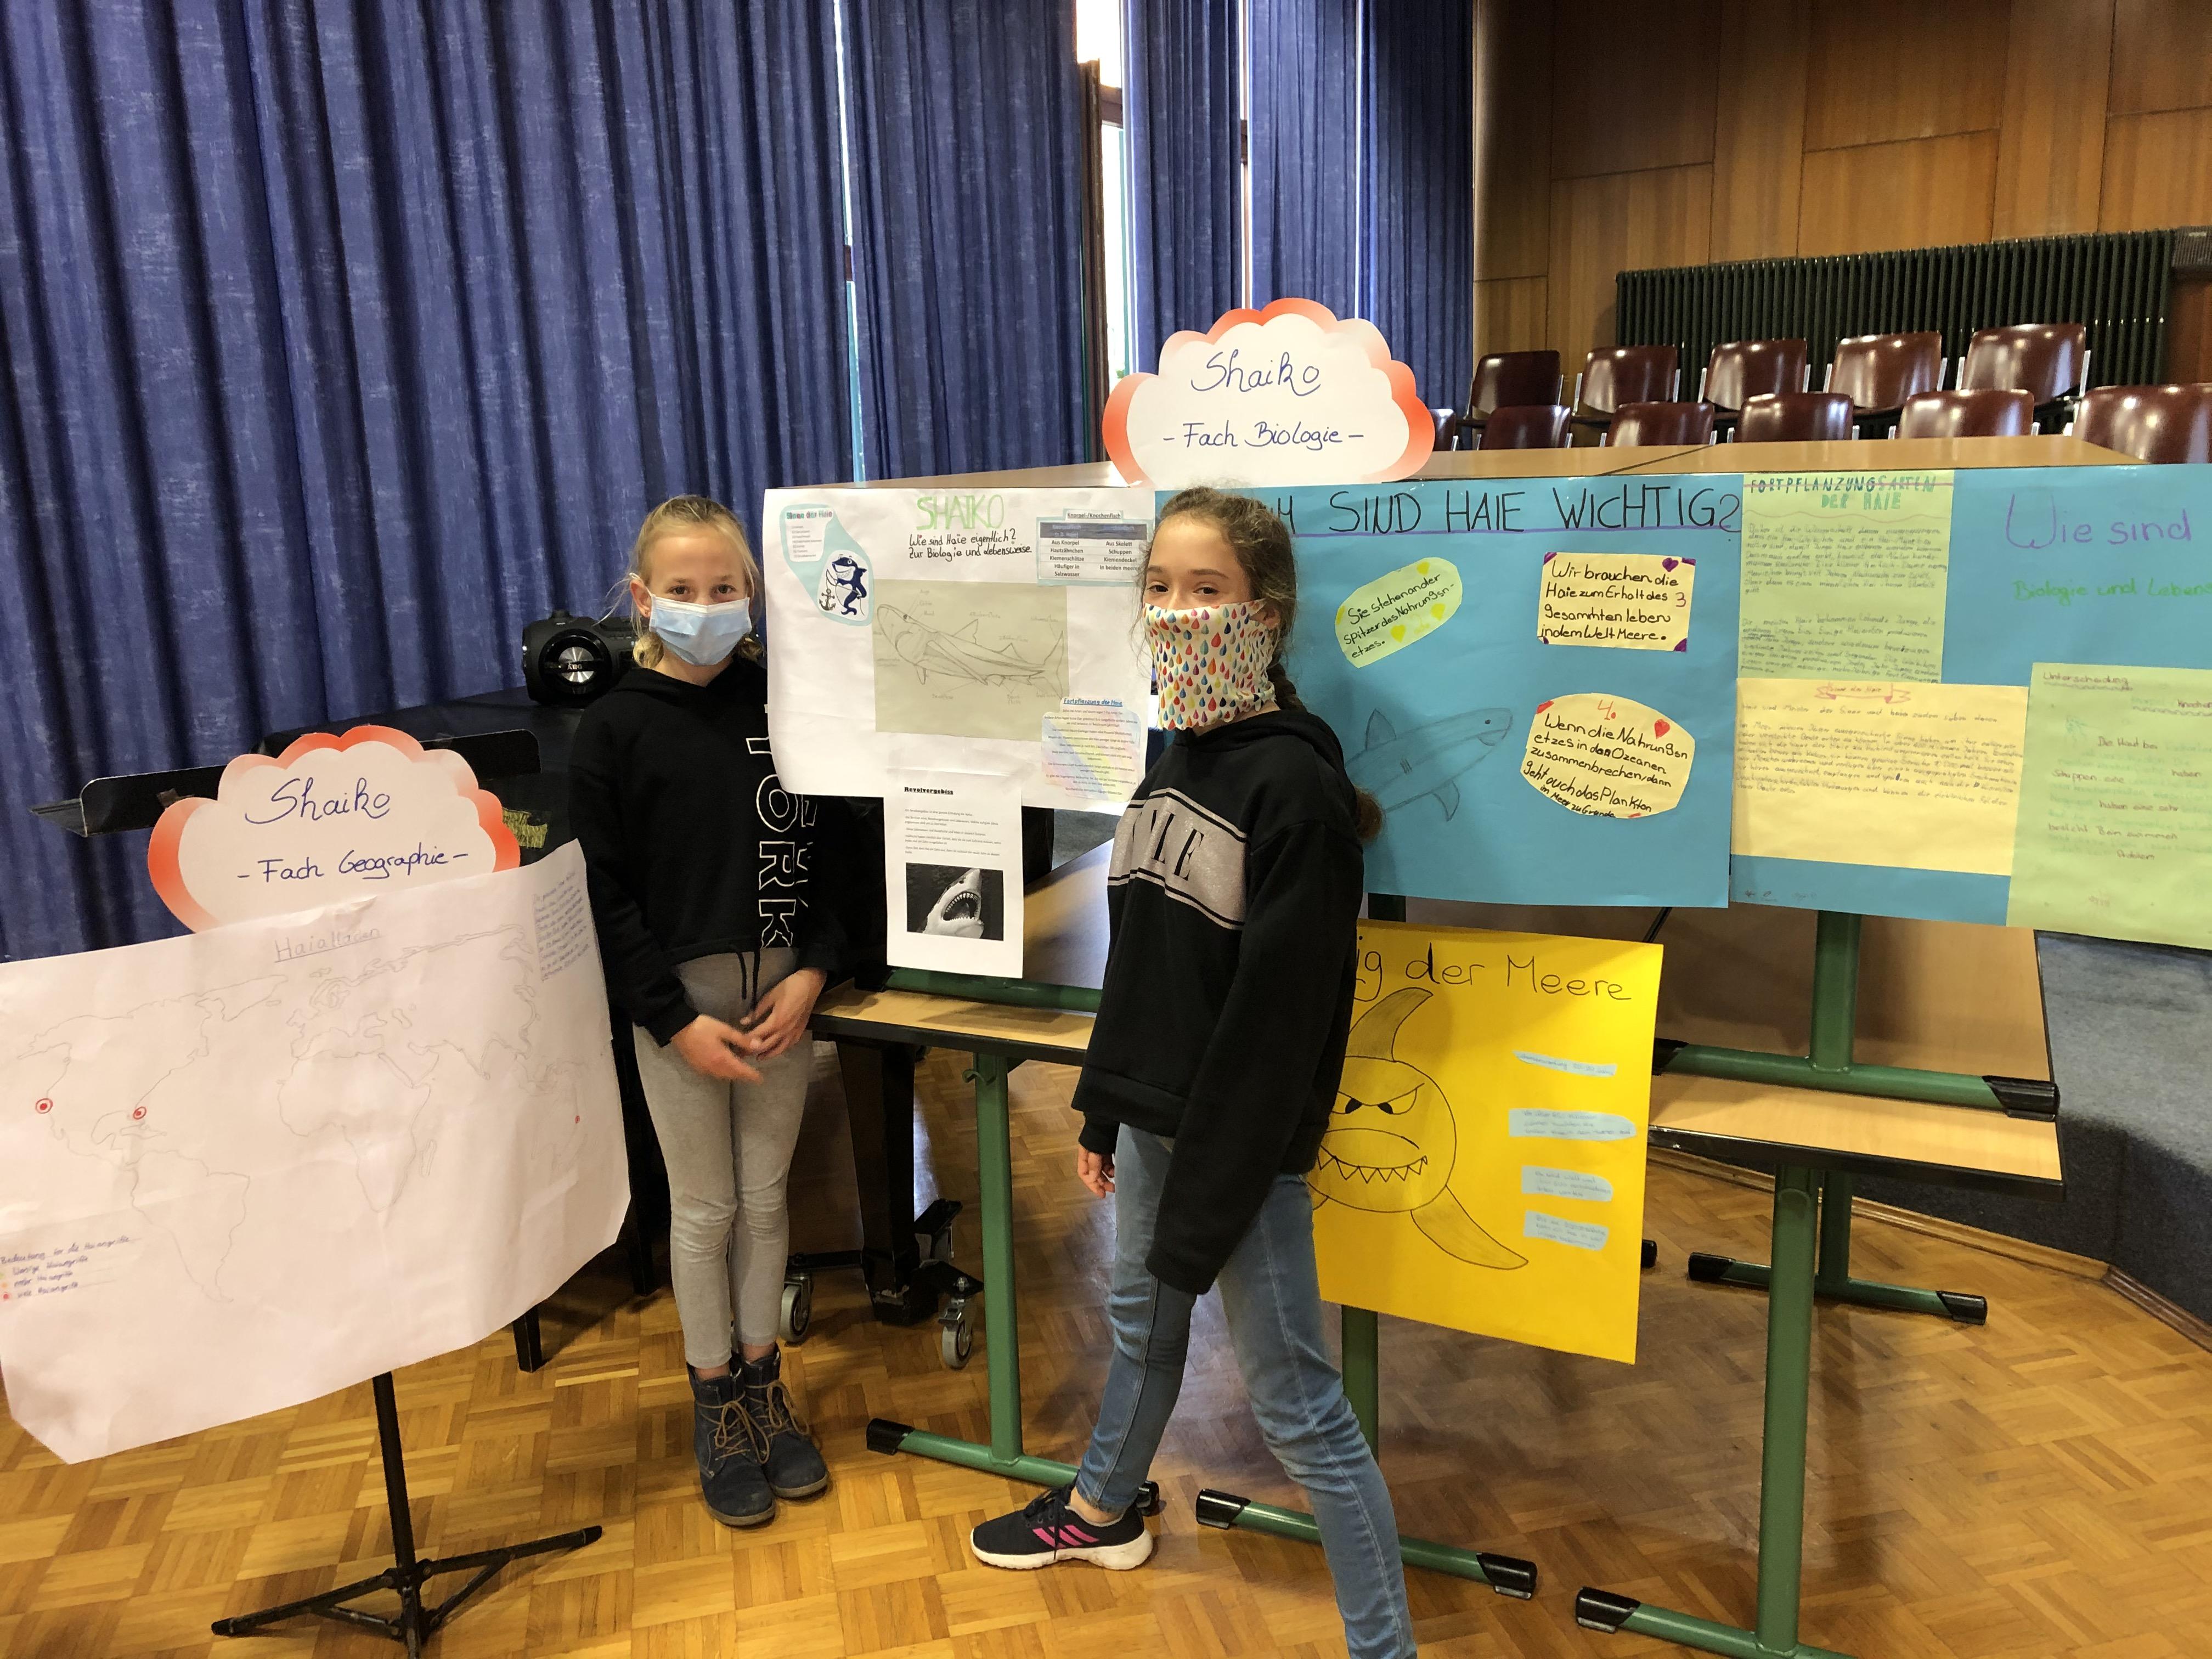 Die Schüler präsentieren stolz ihre Plakate zur Projektwoche.